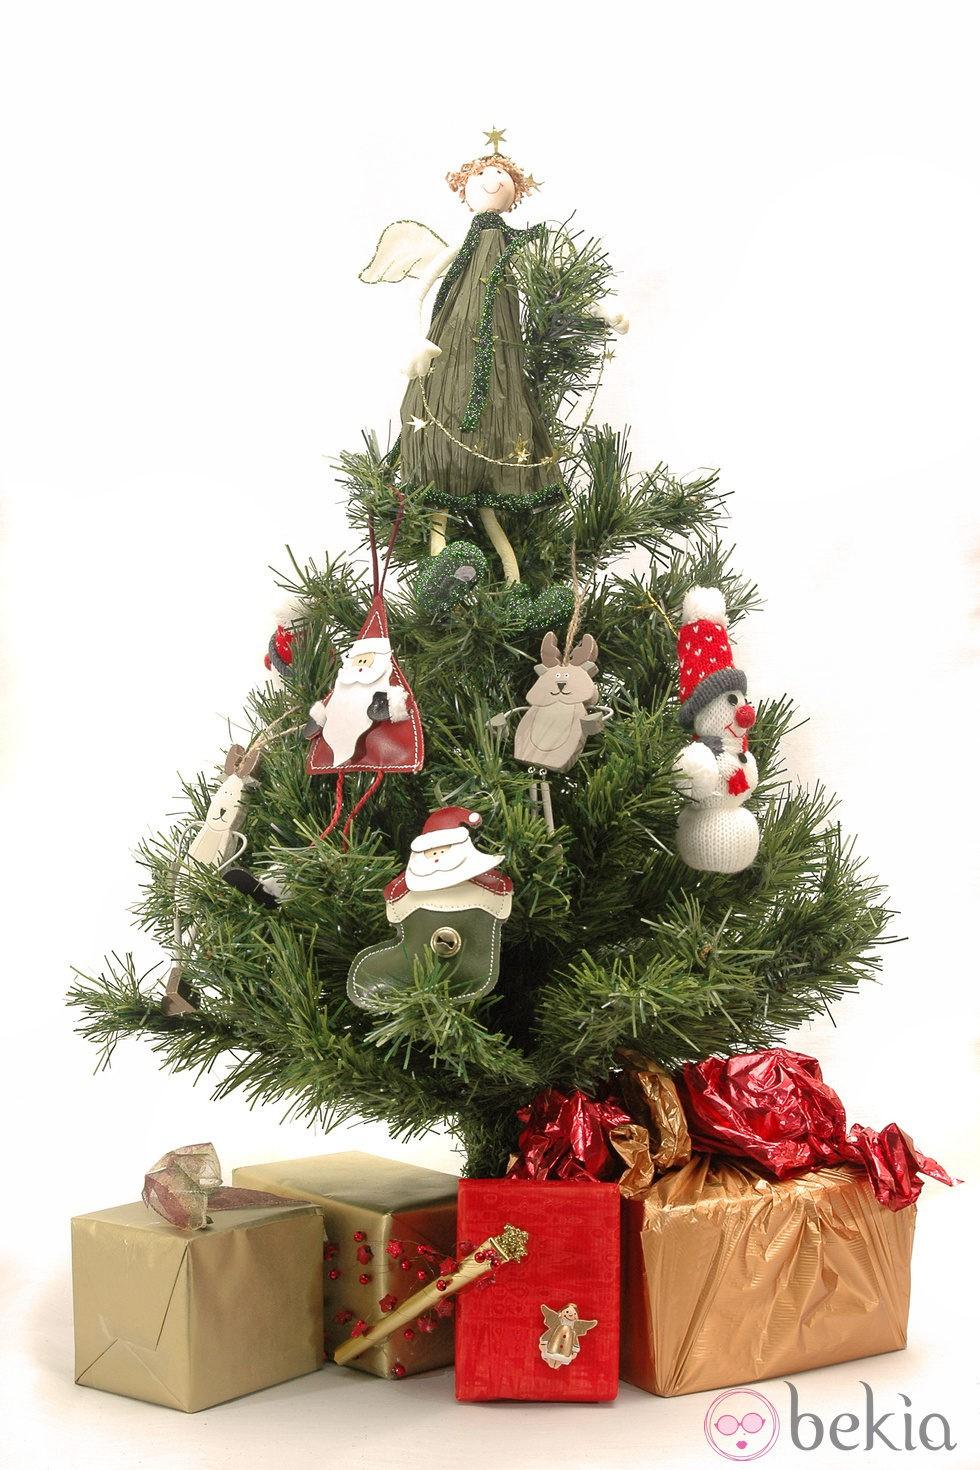 Decorar arbol de navidad imagui - Fotos arboles navidad decorados ...